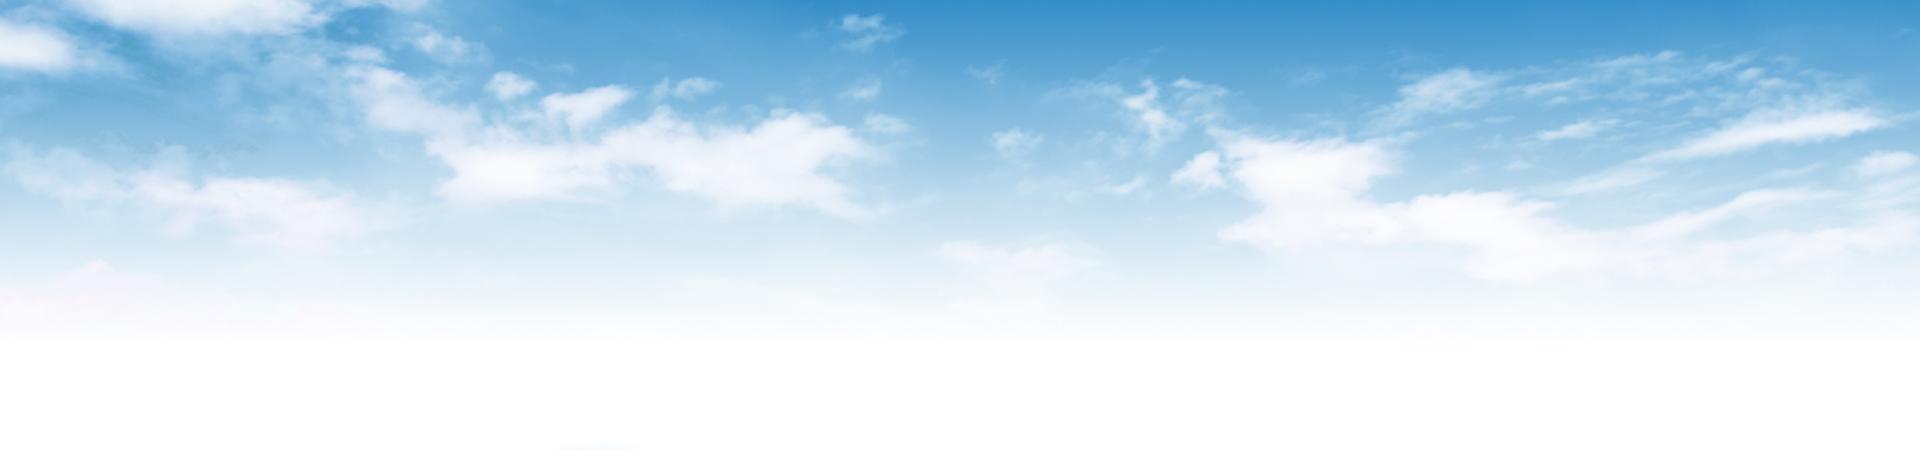 蔚蓝天空淘宝海报背景